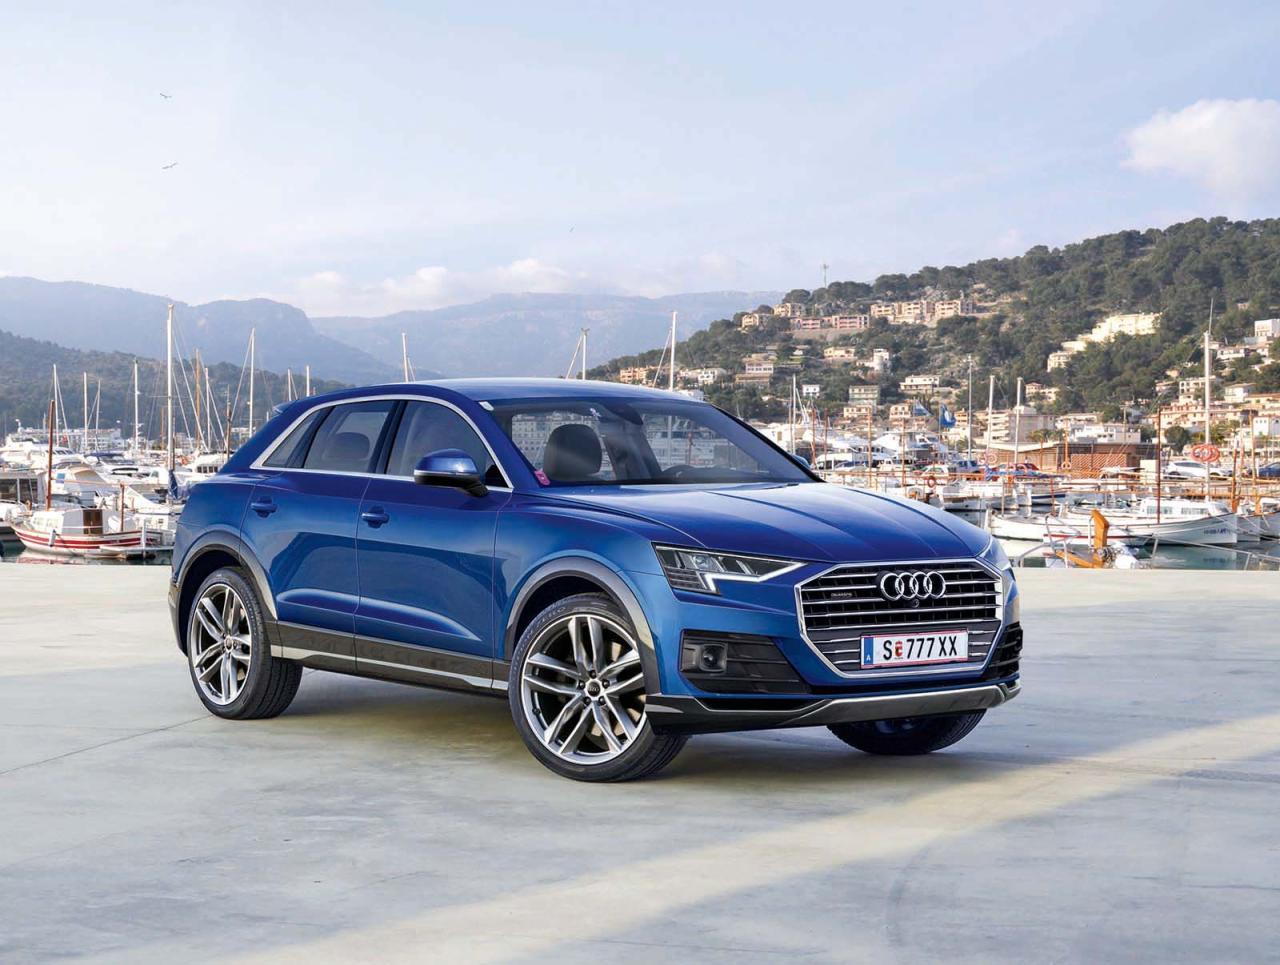 Kantigerer Look, das übliche Größenwachstum beim Singleframe-Grill und ein schärferer Blick – wie bei Audi gewohnt wird sich der Modellwechsel beim Q3 äußerlich eher im Rahmen eines Facelifts bewegen.